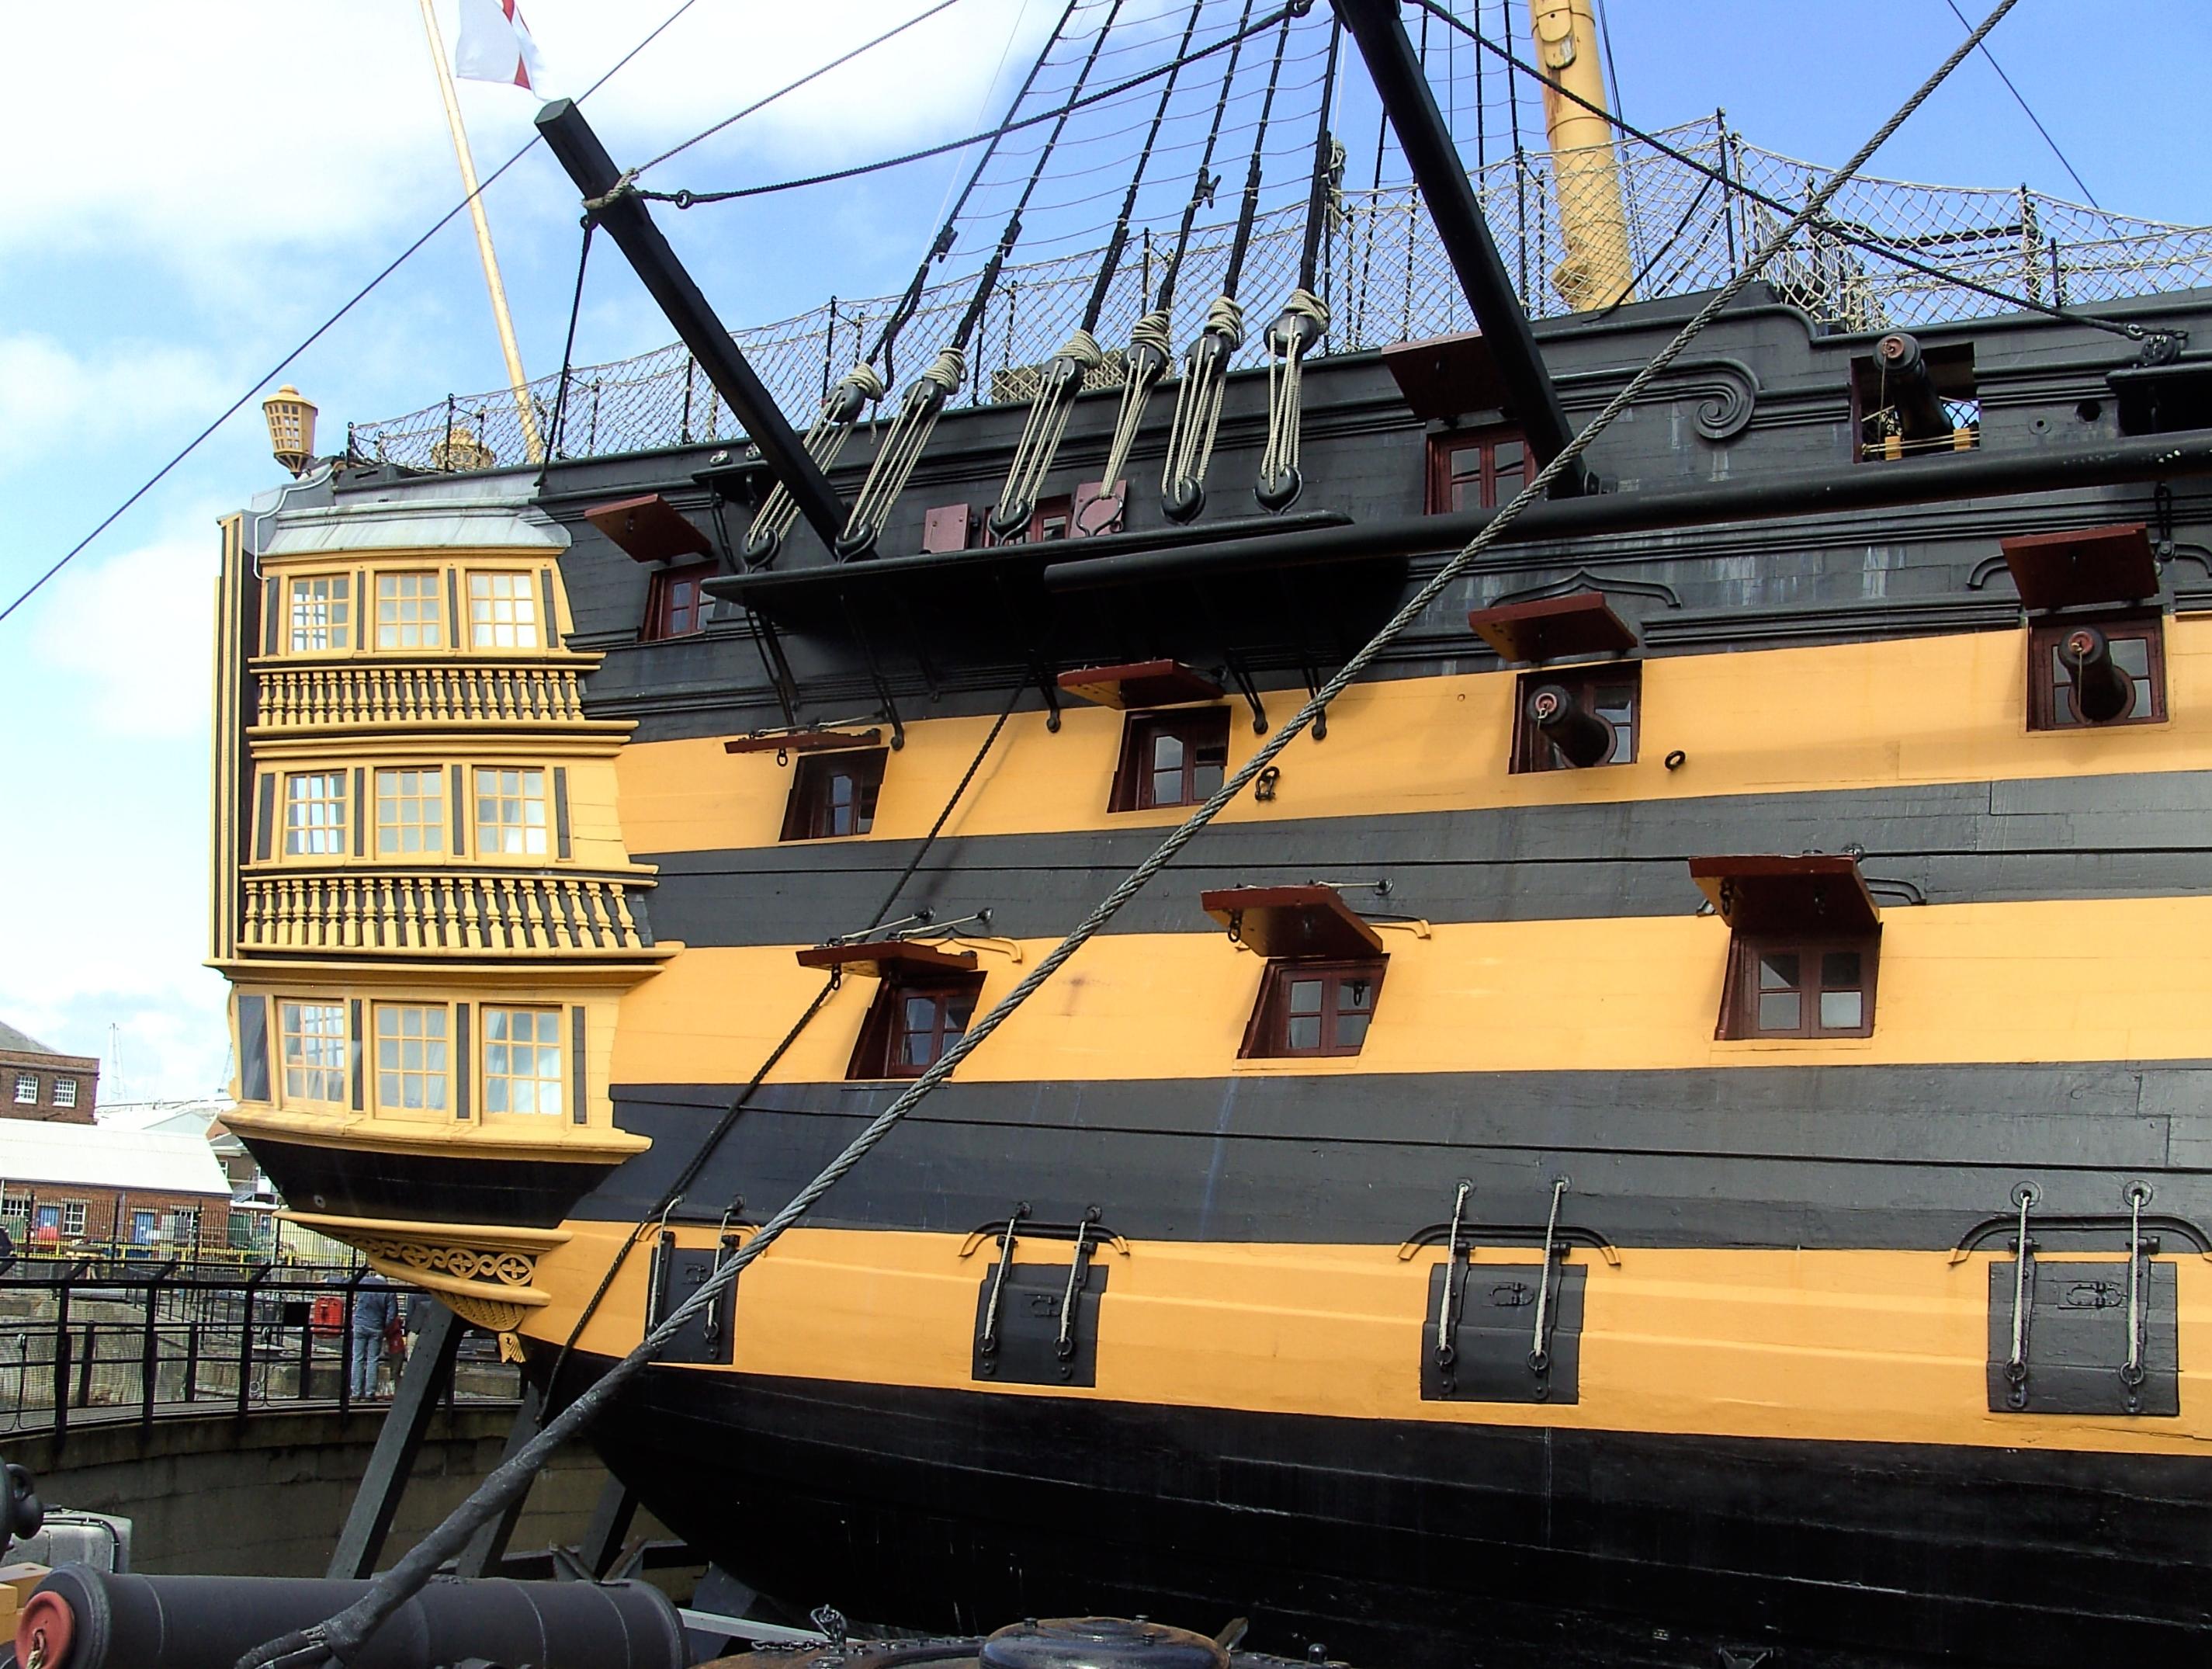 victory - Victory alla deriva - Pagina 2 HMS_Victory_(ship,_1765)_-_stern_view